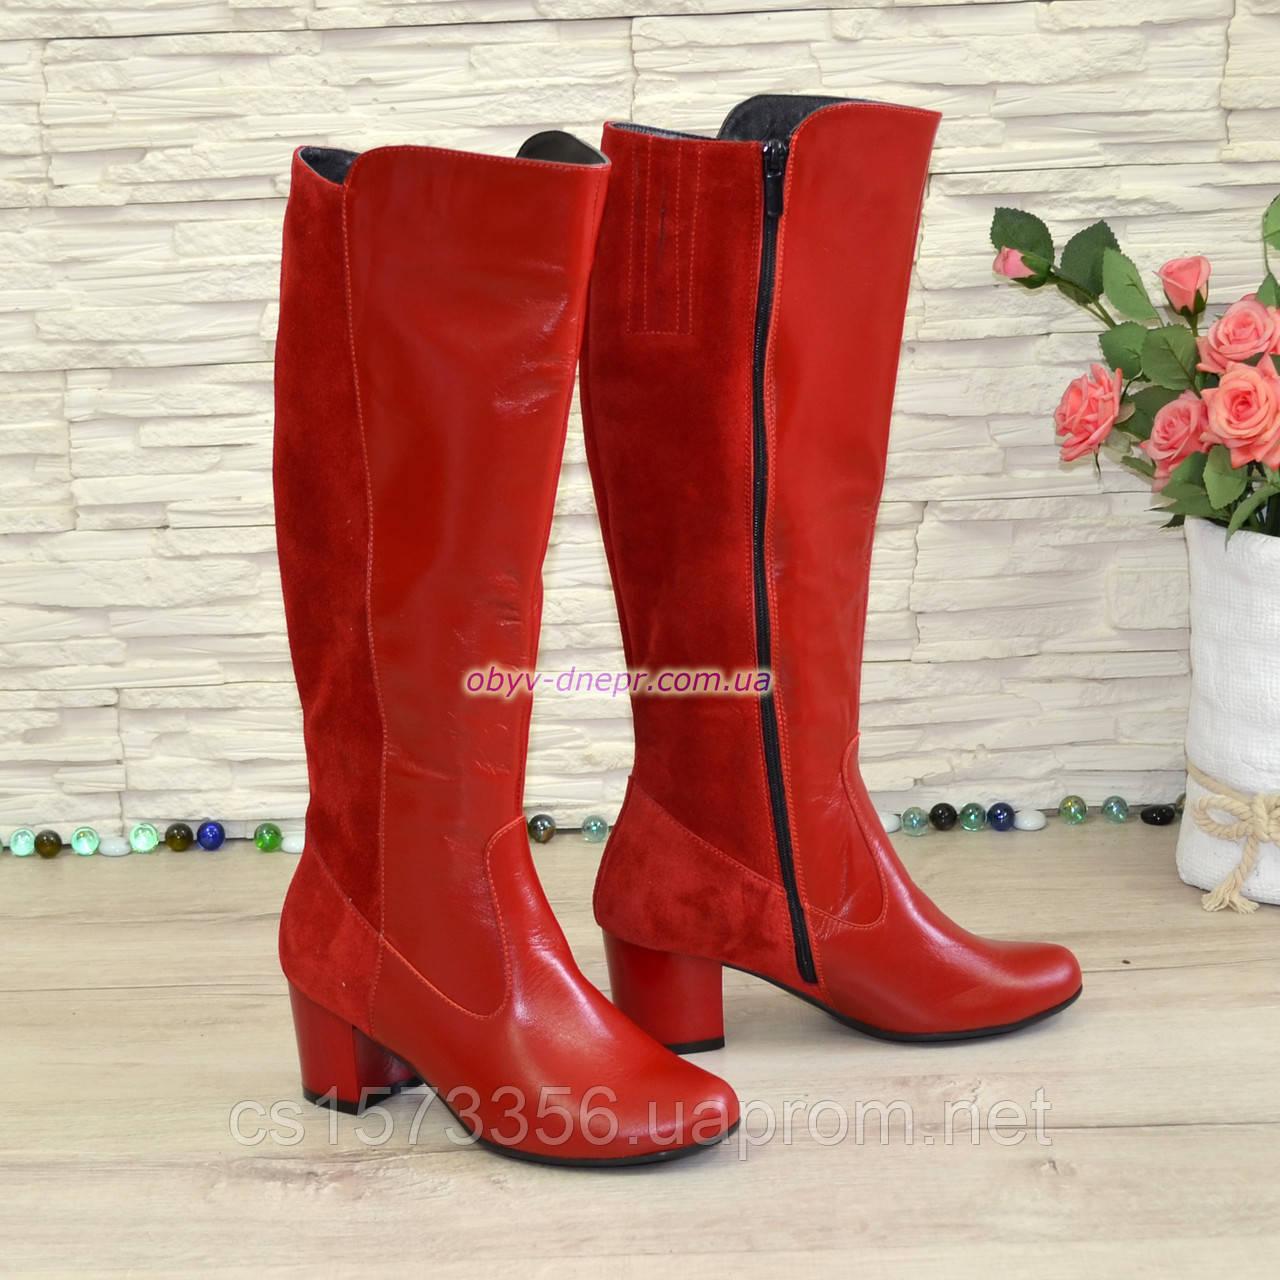 Сапоги женские демисезонные на невысоком каблуке, из натуральной кожи и замши красного цвета